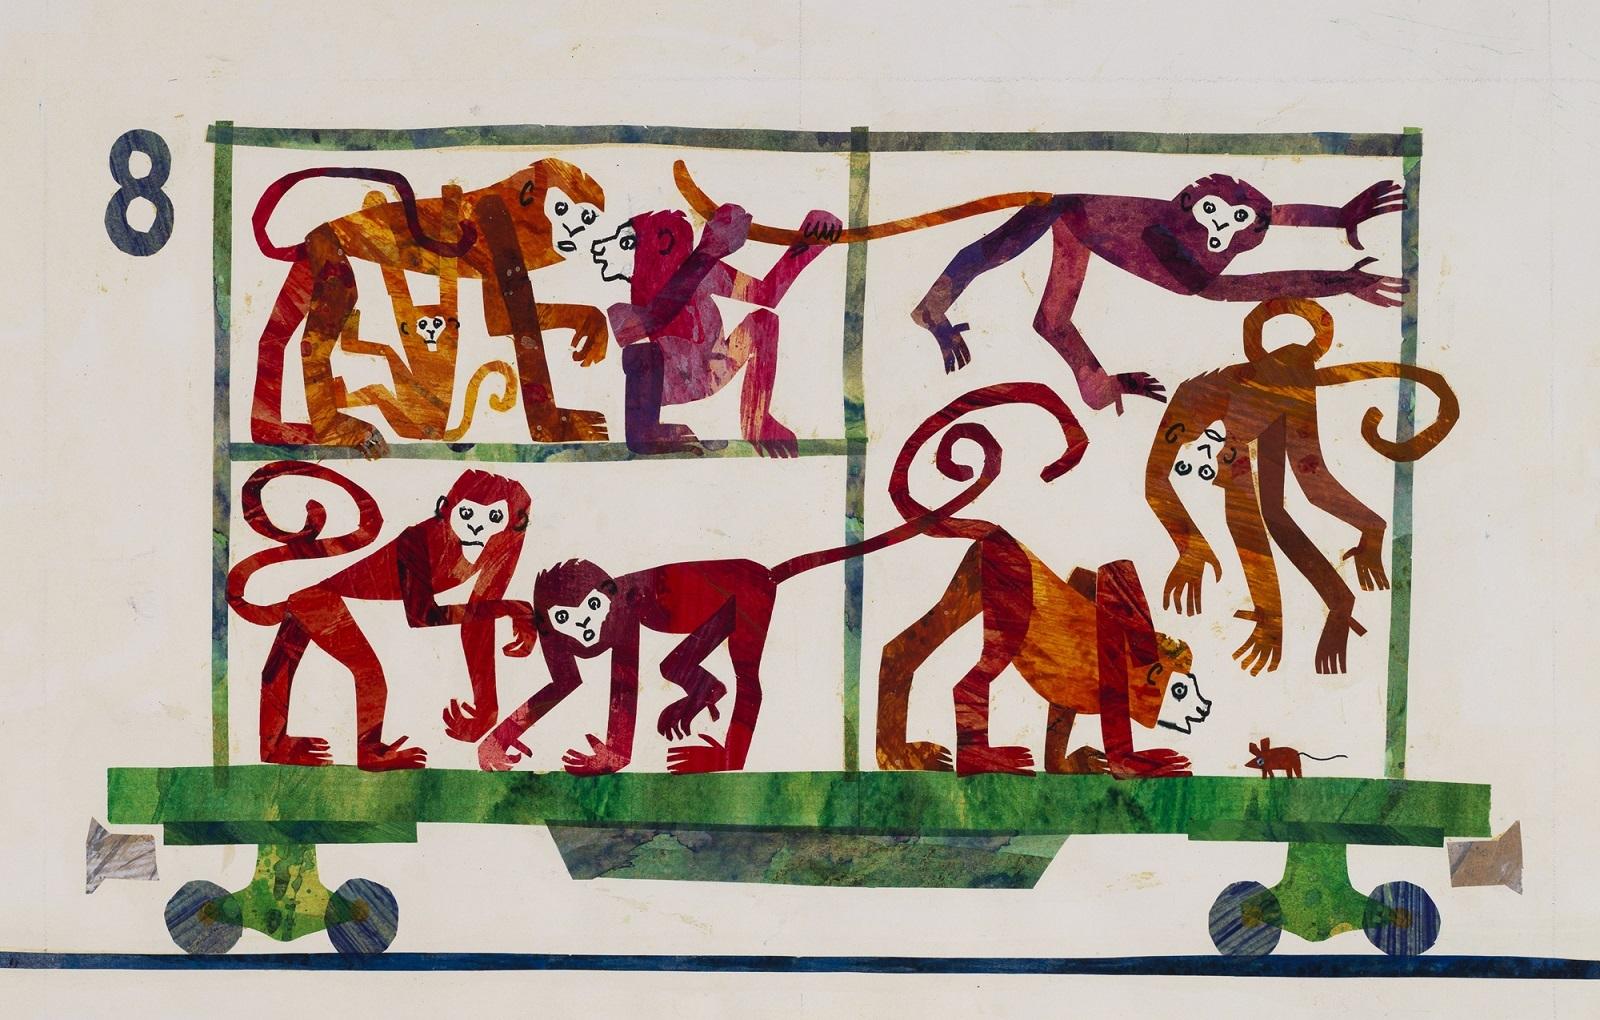 『1.2.3どうぶつえんへ』最終原画、 1986年、 エリック・カール絵本美術館 (C)1968 and 1987 Eric Carle